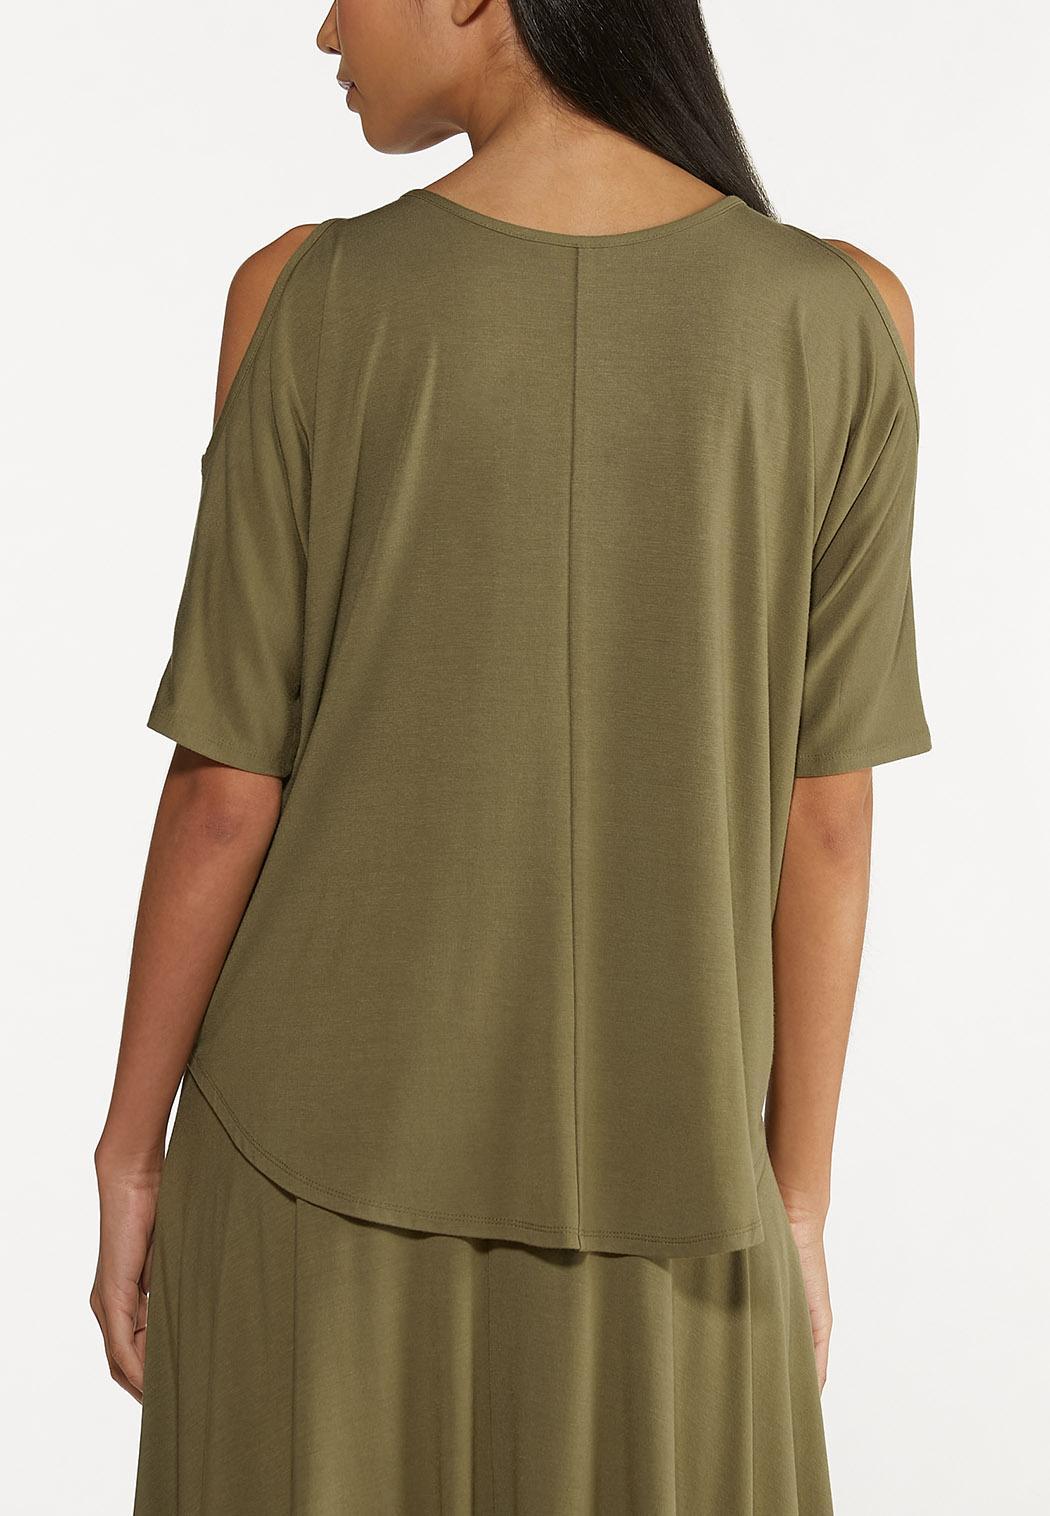 Olive Cold Shoulder Top (Item #44616493)